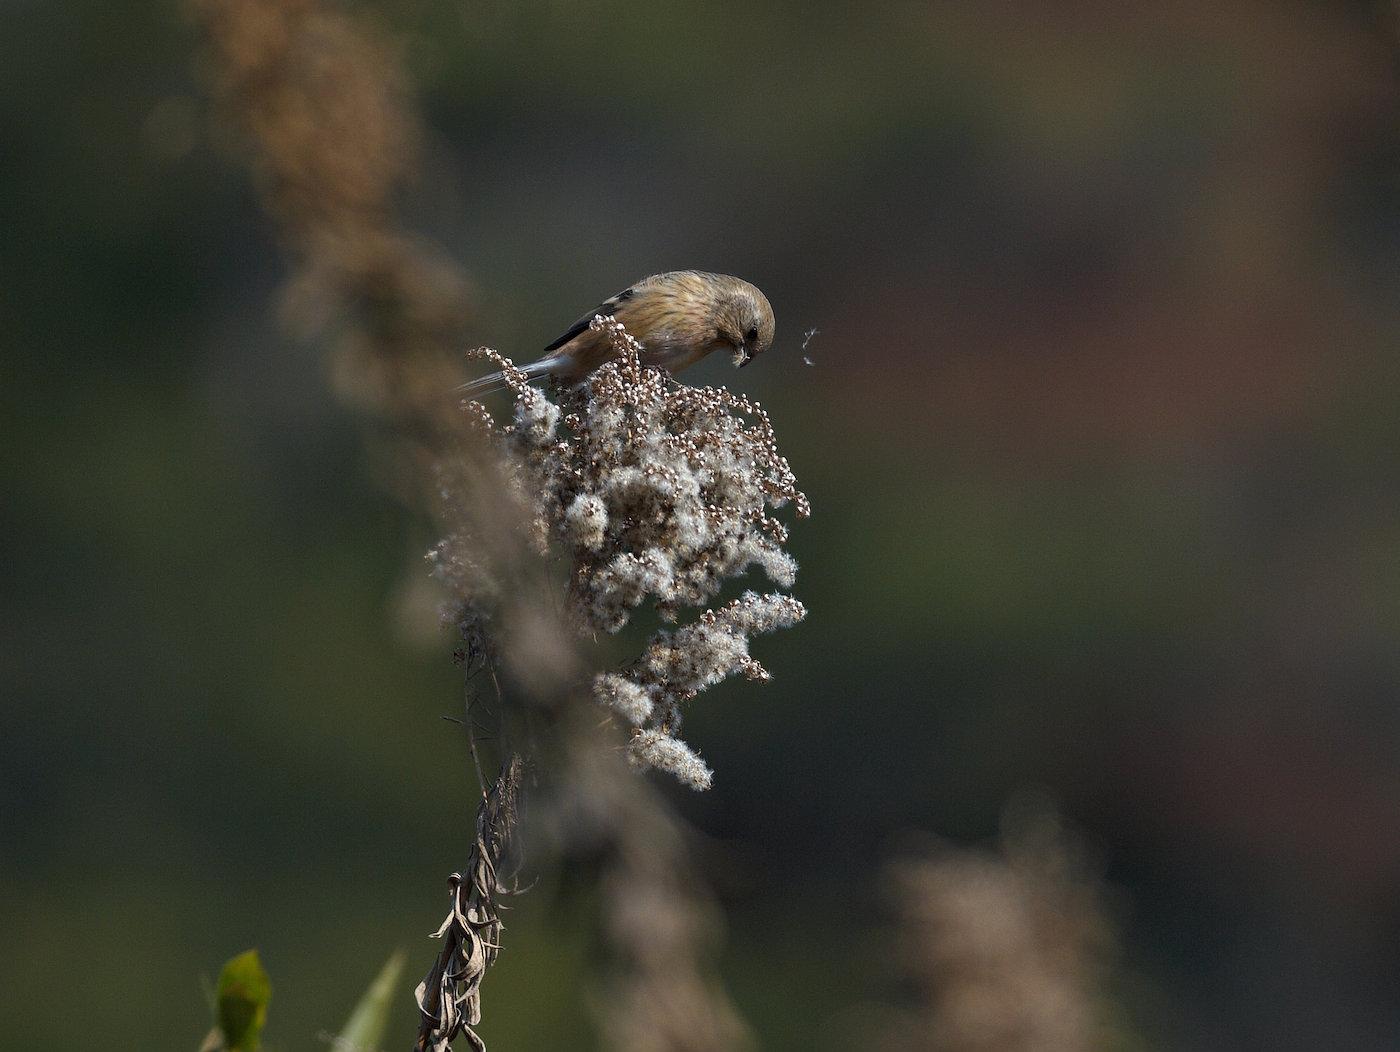 BORG71FLで撮影した野鳥・ベニマシコの写真画像